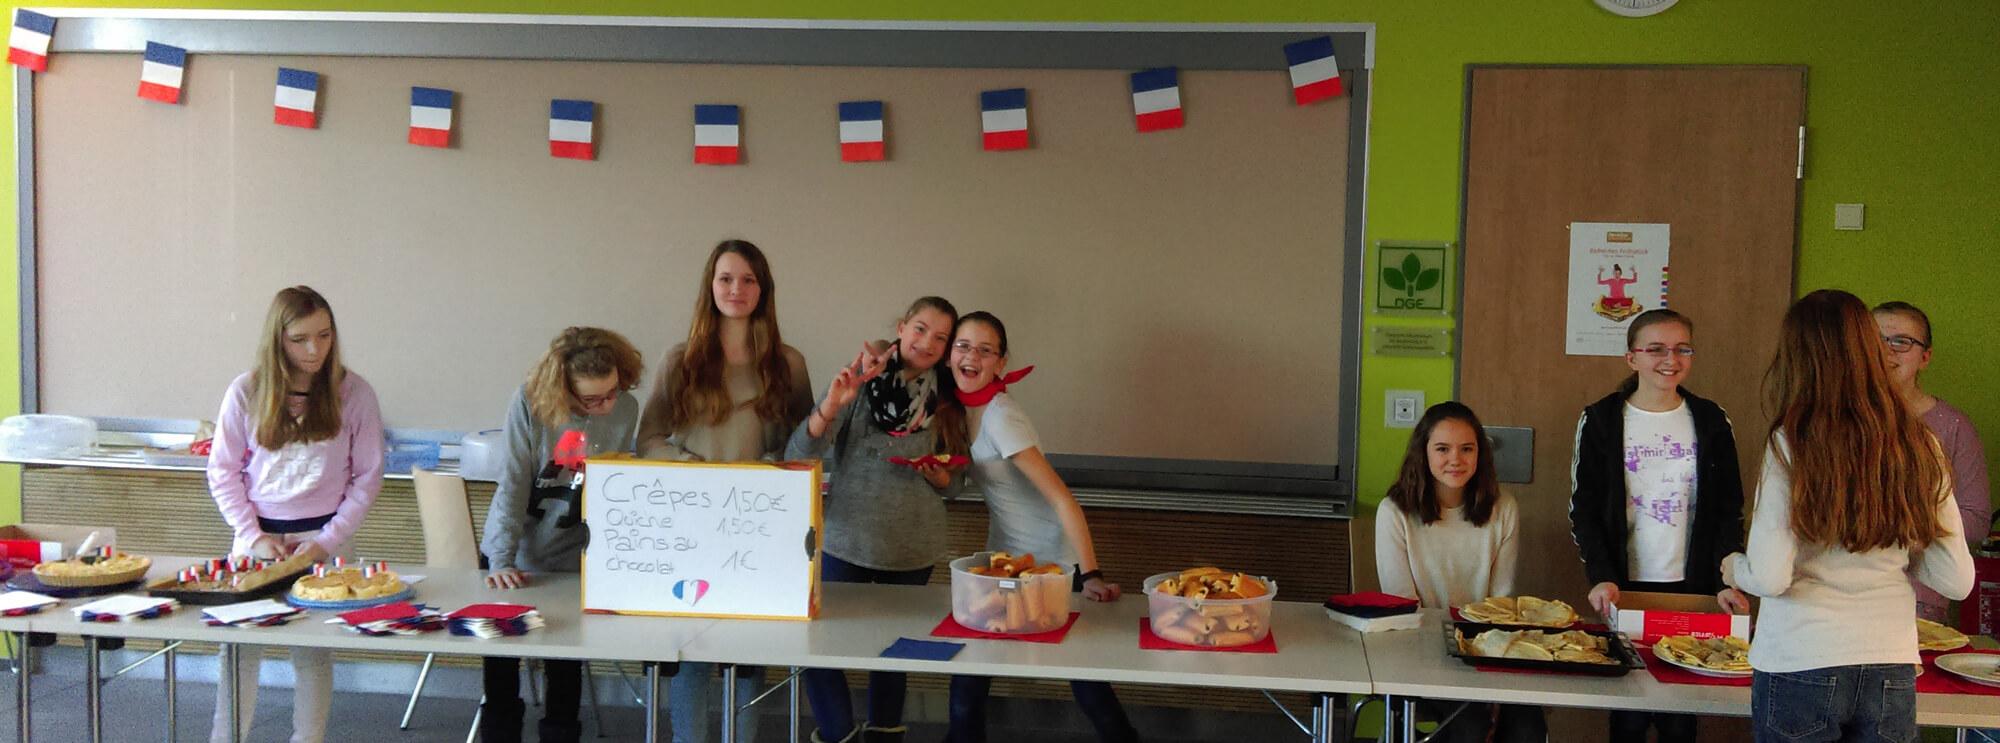 Das Bild zeigt die beteiligten Kinder am Deutsch-Französischerm Tag